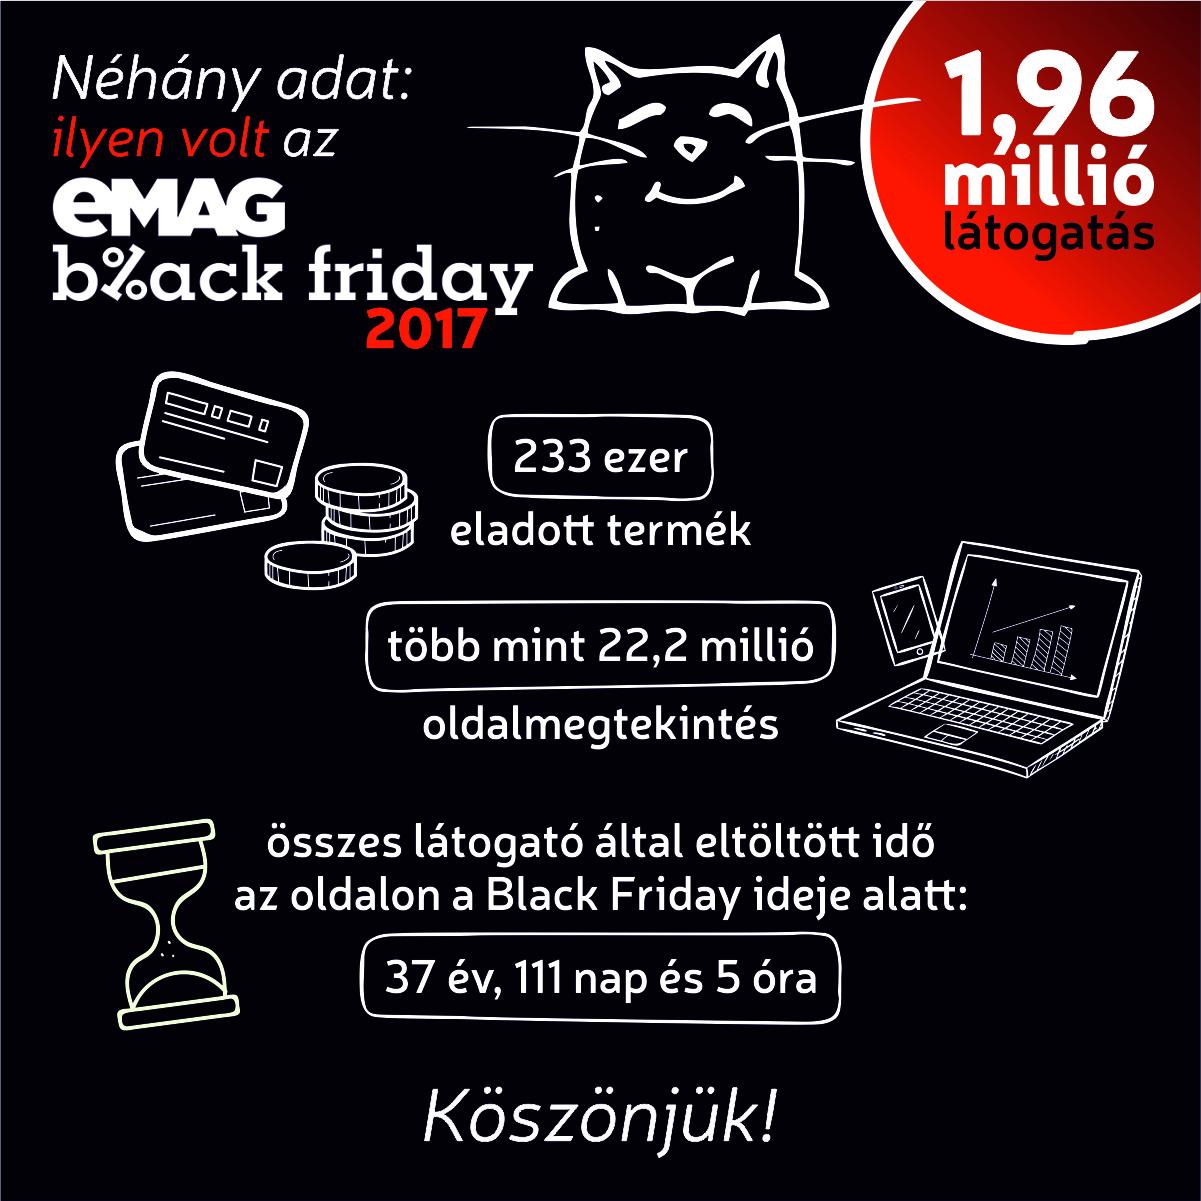 emag-black-friday_4